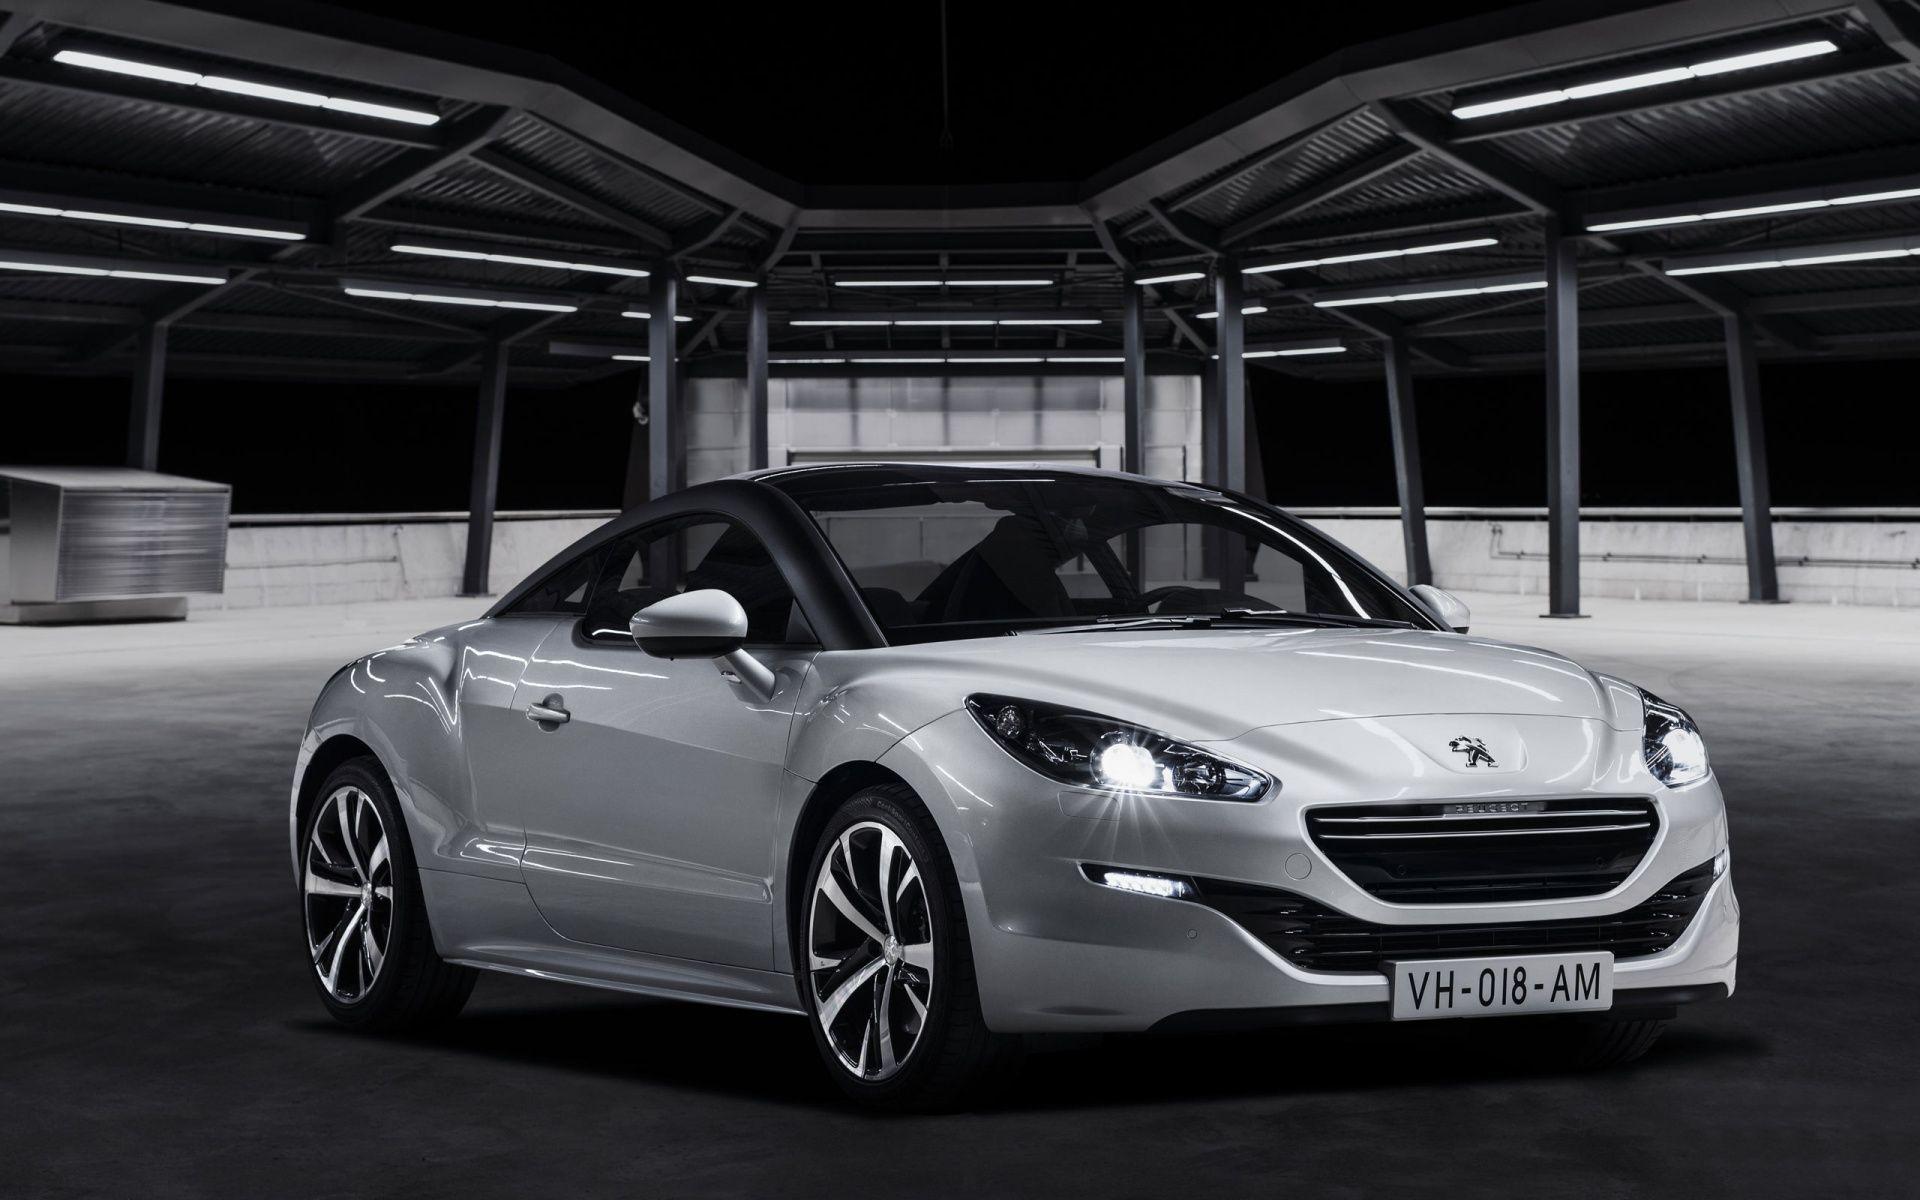 White peugeot rcz Peugeot, Car, Vehicles